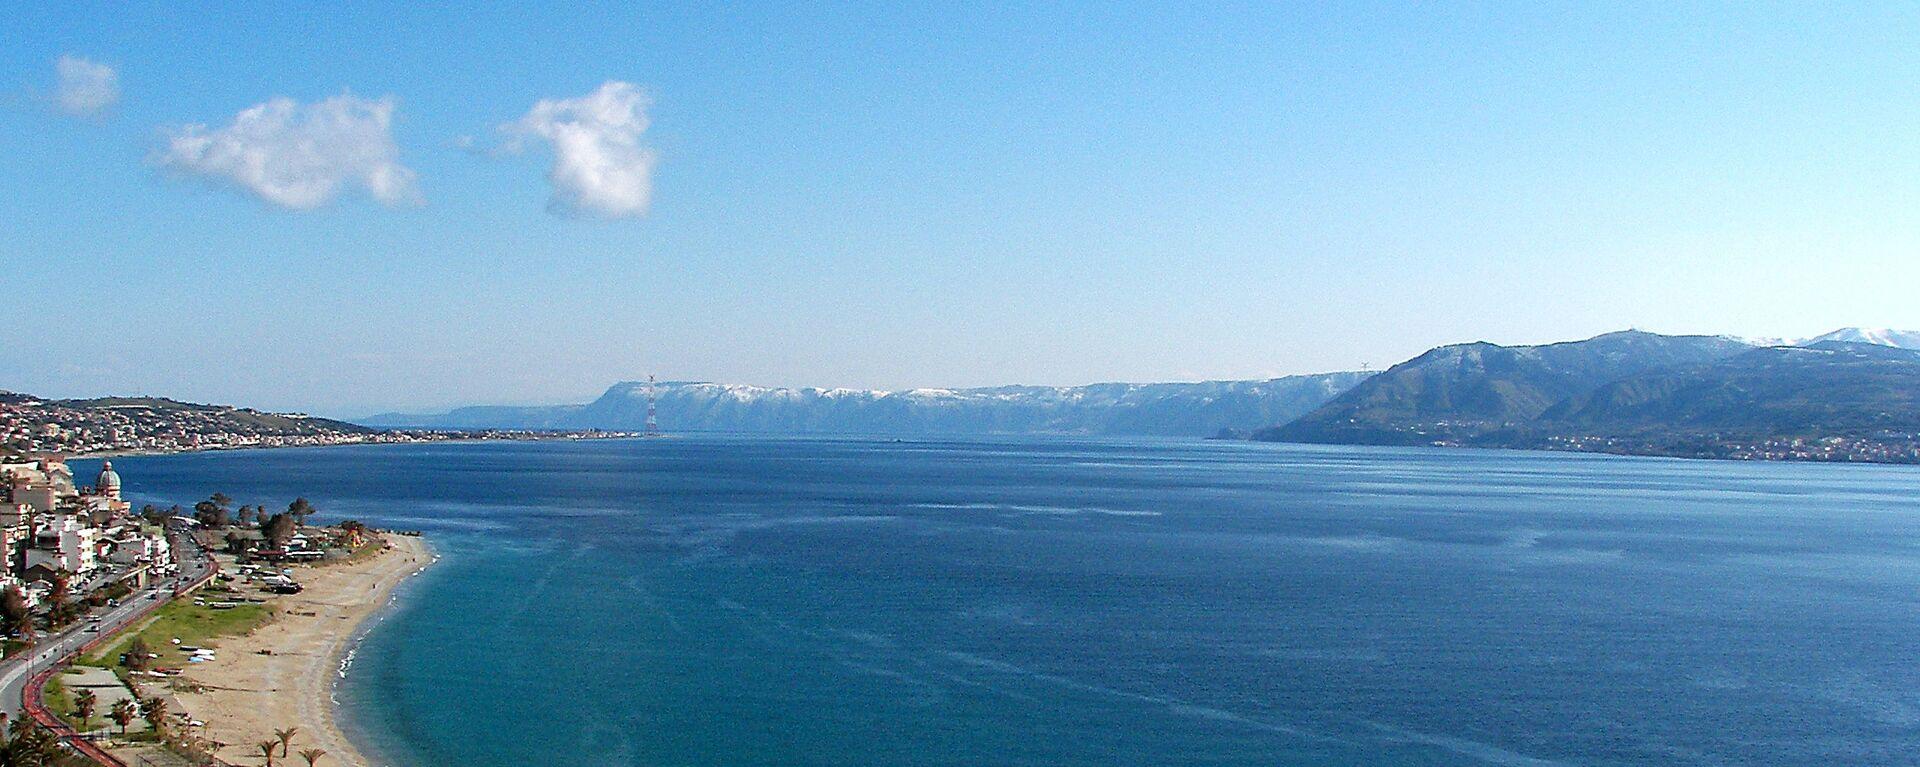 Lo stretto di Messina - Sputnik Italia, 1920, 16.02.2021